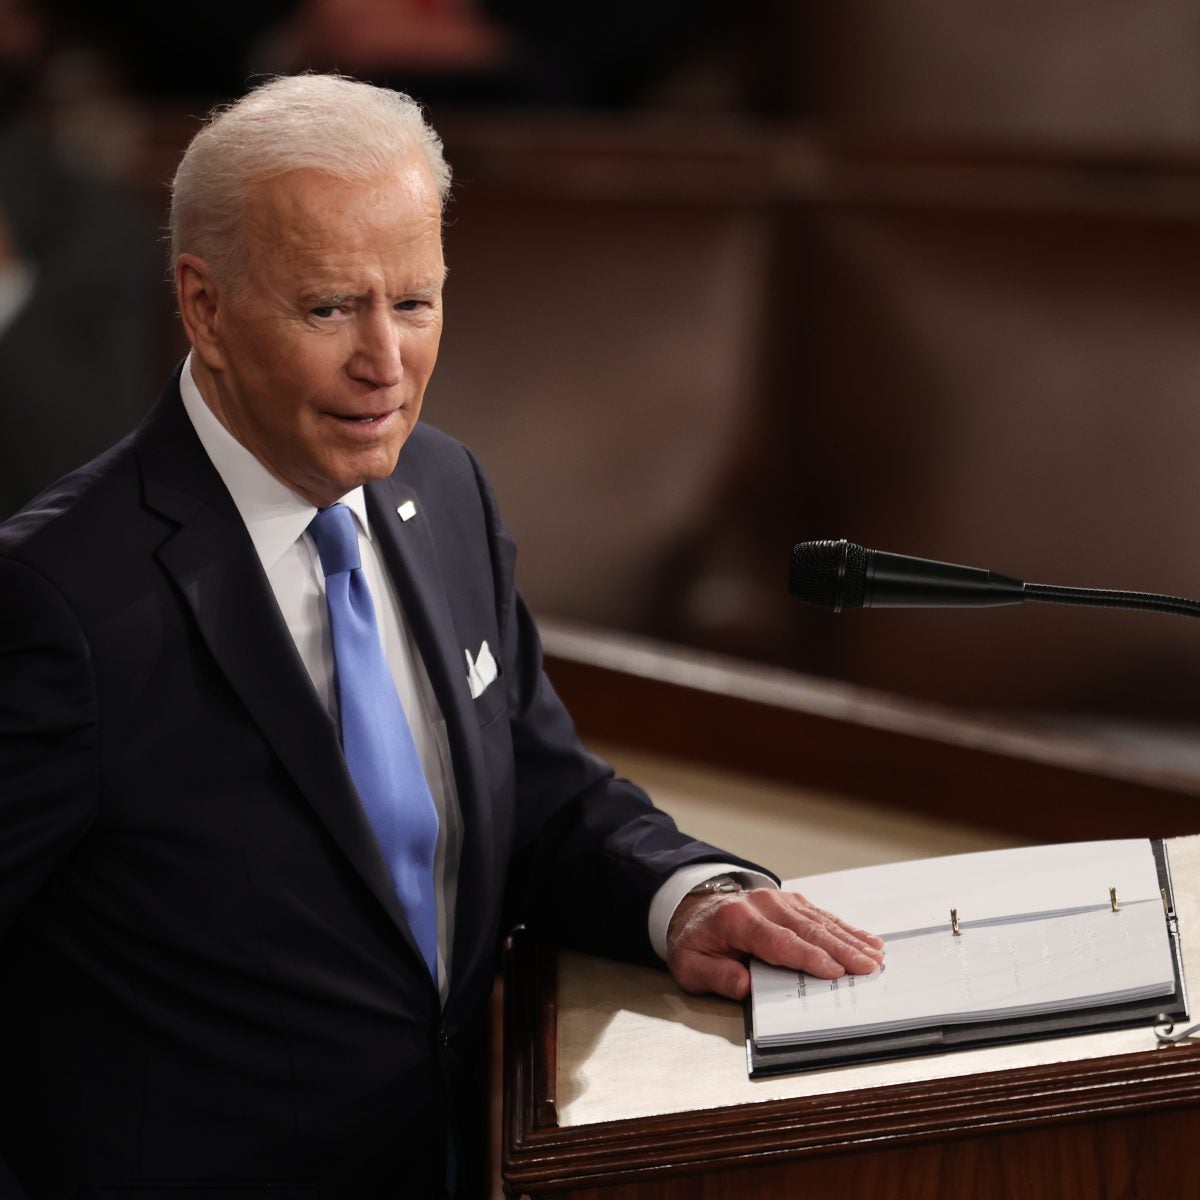 President Joe Biden Addresses the Nation to Mark 100 Days in Office